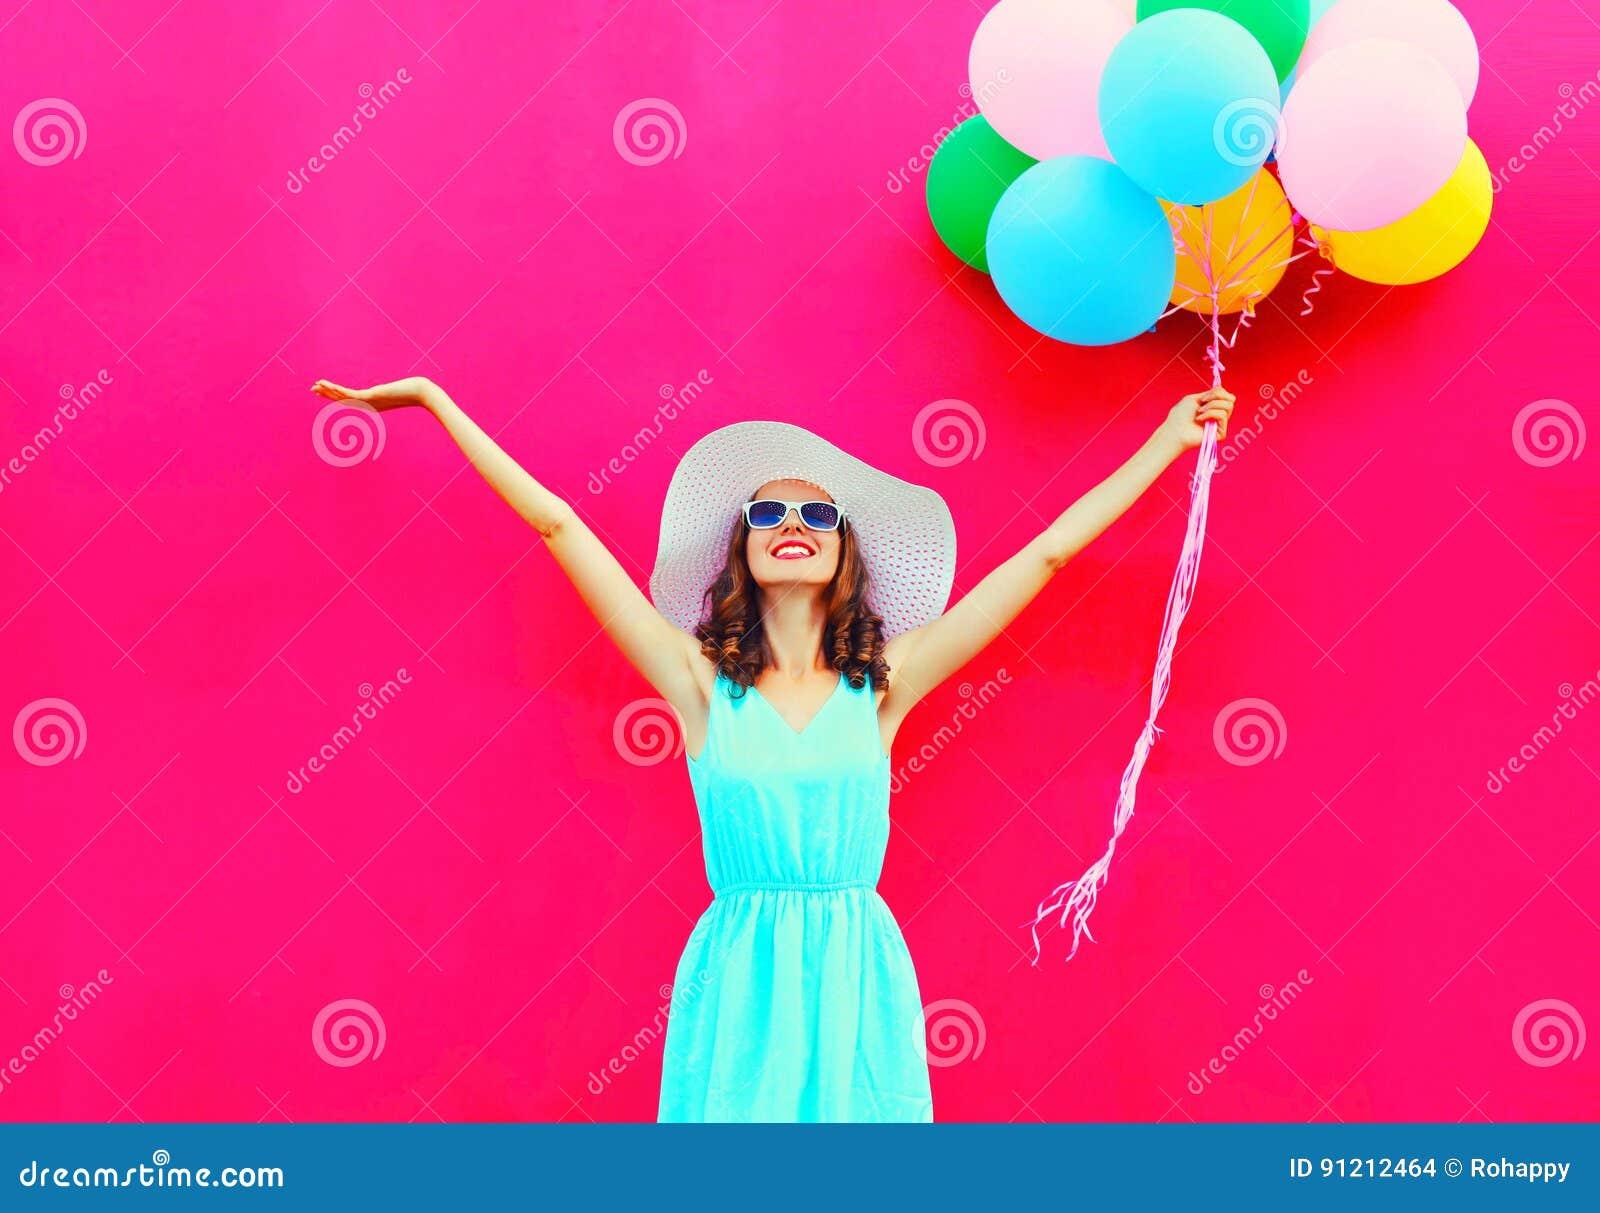 La mujer sonriente feliz de la moda con los globos coloridos de un aire se está divirtiendo en verano sobre un fondo rosado